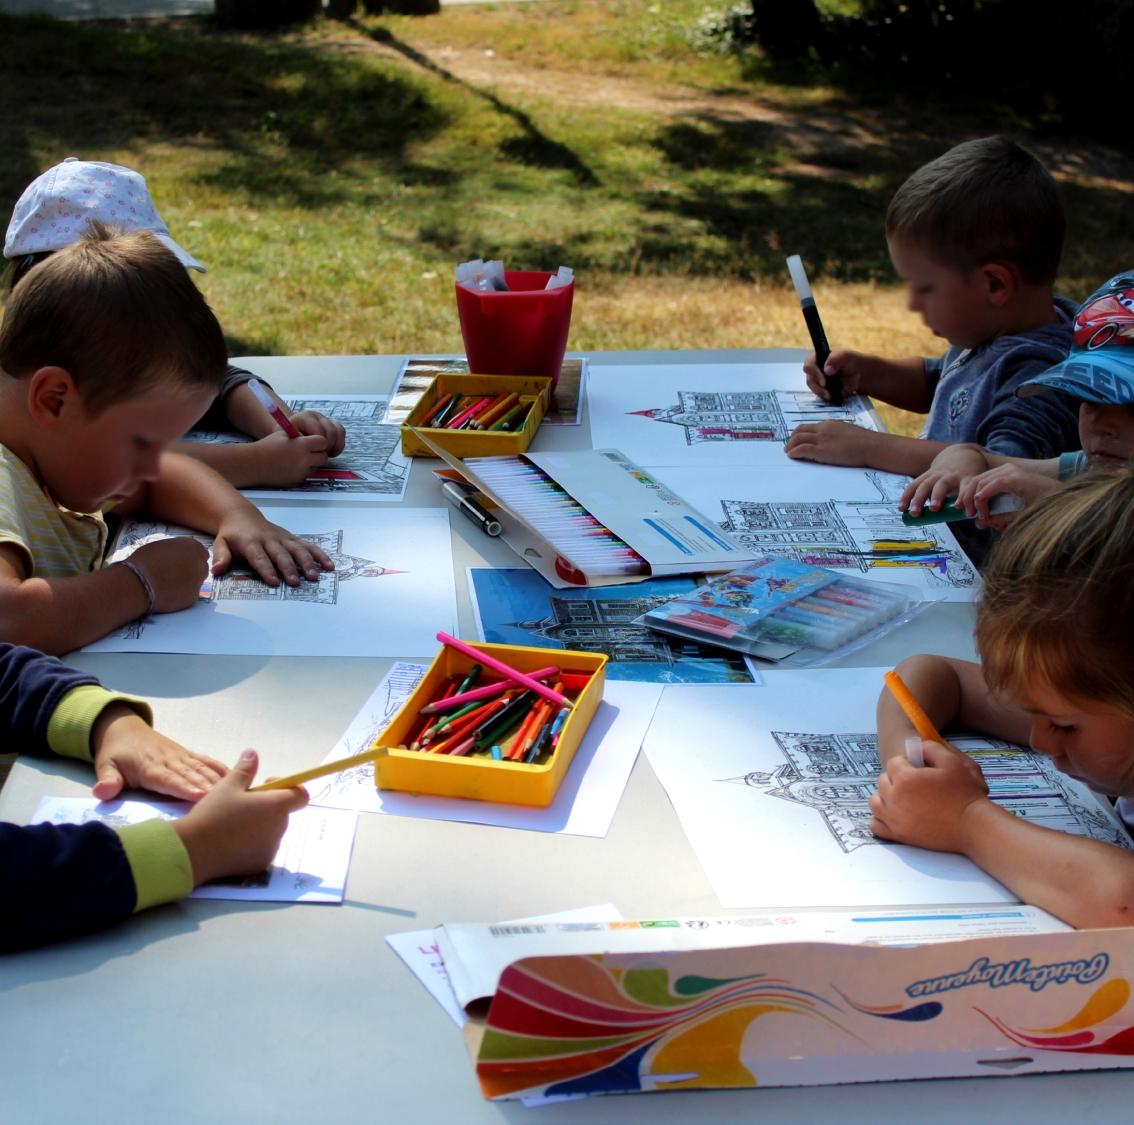 Enfants de 3-5 ans du centre de loisirs d'Iffendic